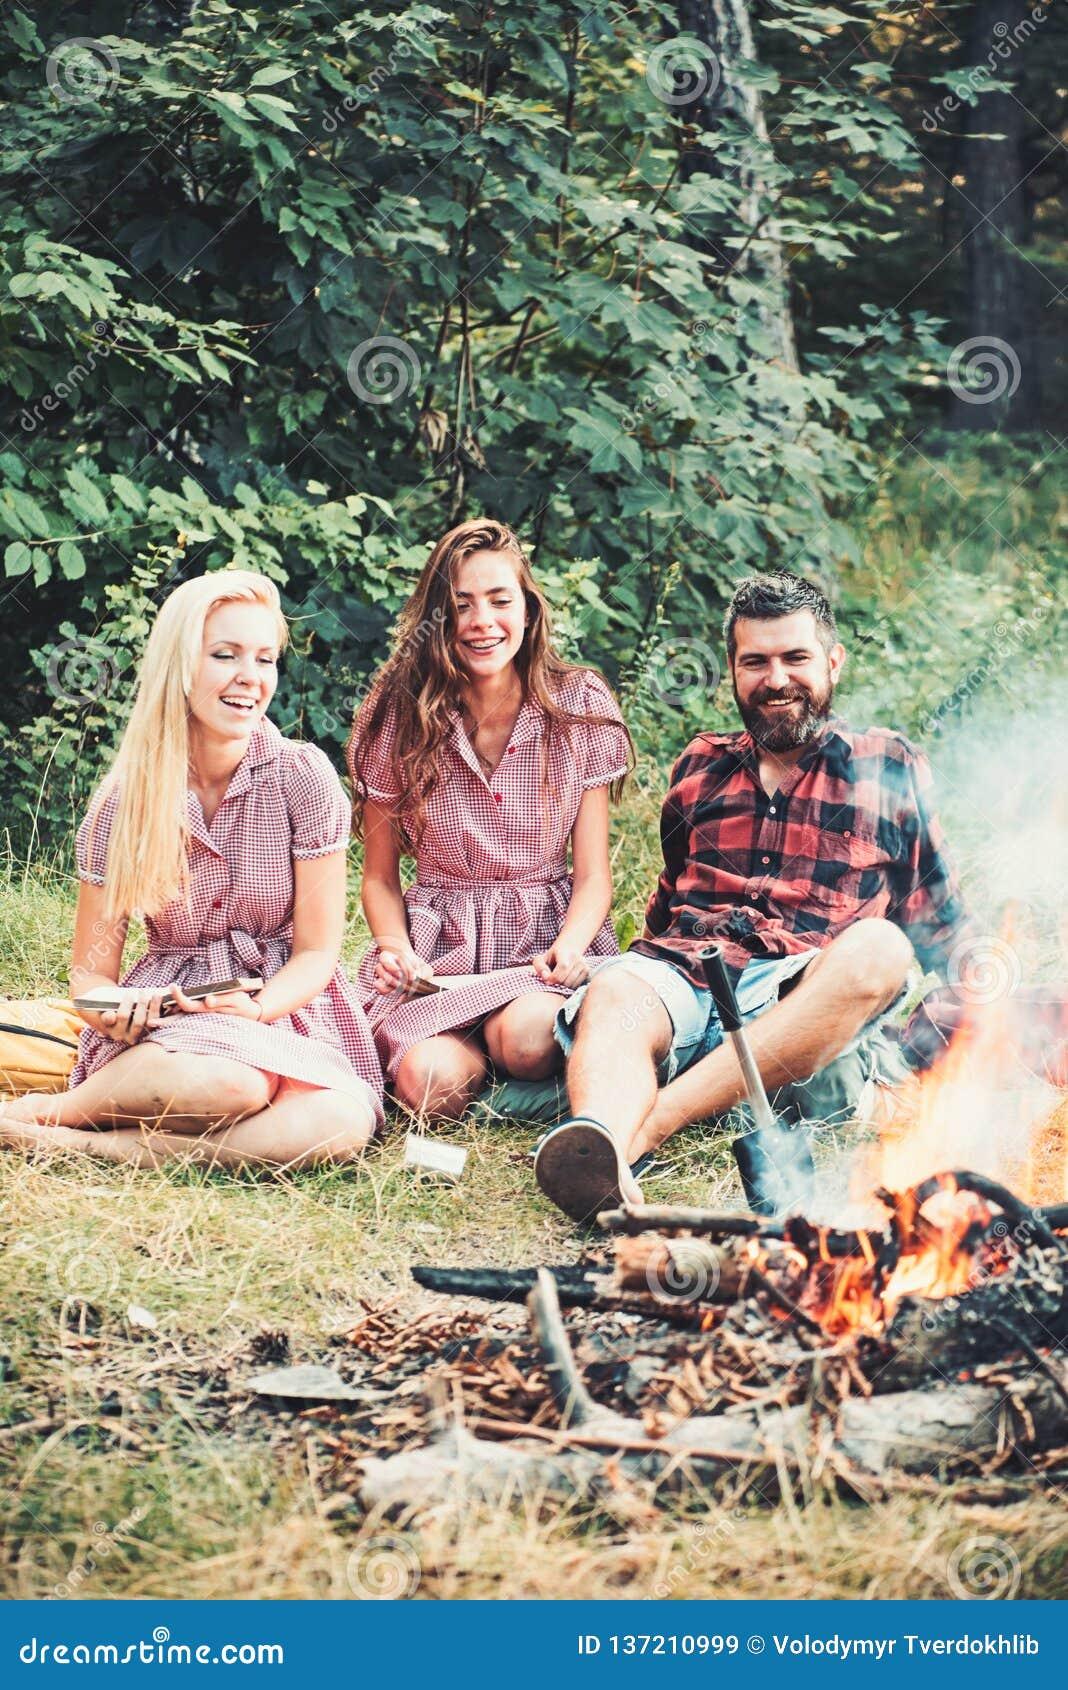 Glückliche Freunde am Lagerfeuer Bärtiger Mann und Frauen lächeln am Feuer Hippie in palid Hemd und Mädchen in den Weinlesekleide